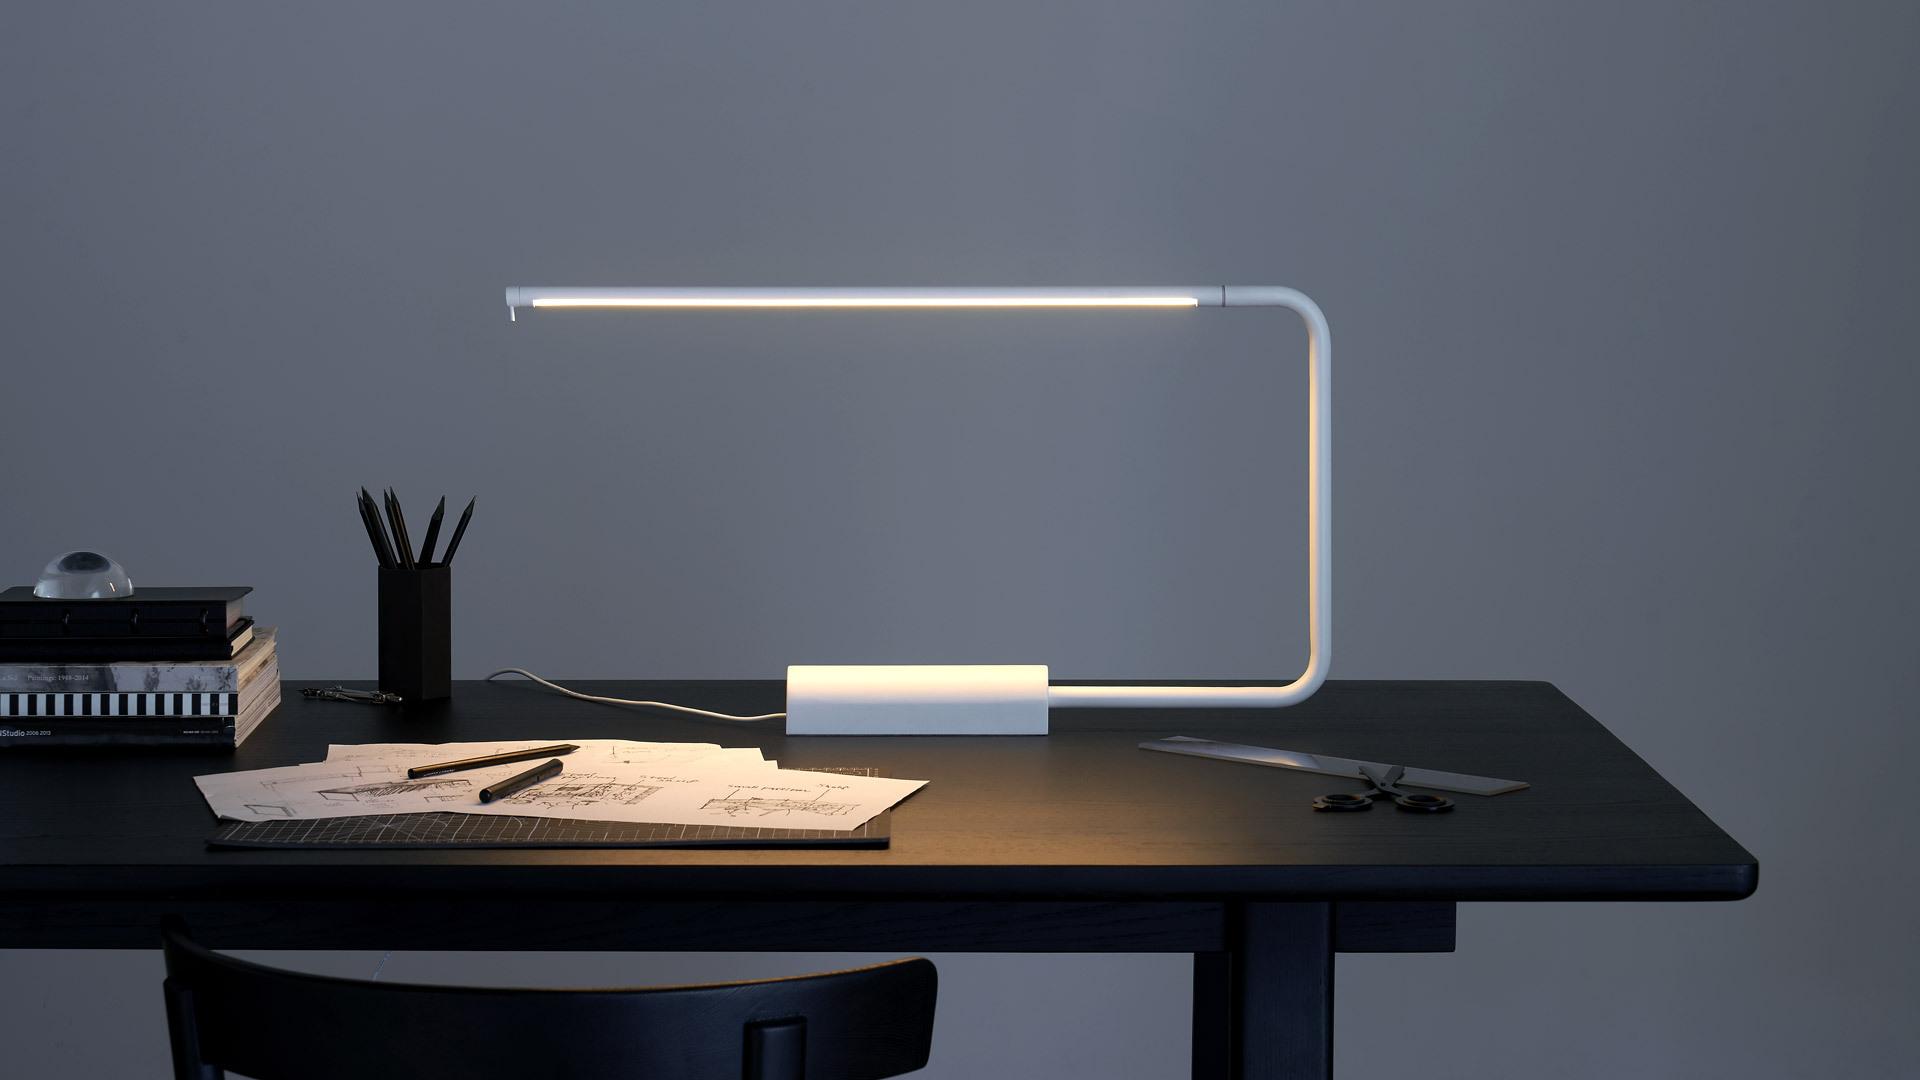 聚焦桌面核心区,让工作更专注高效